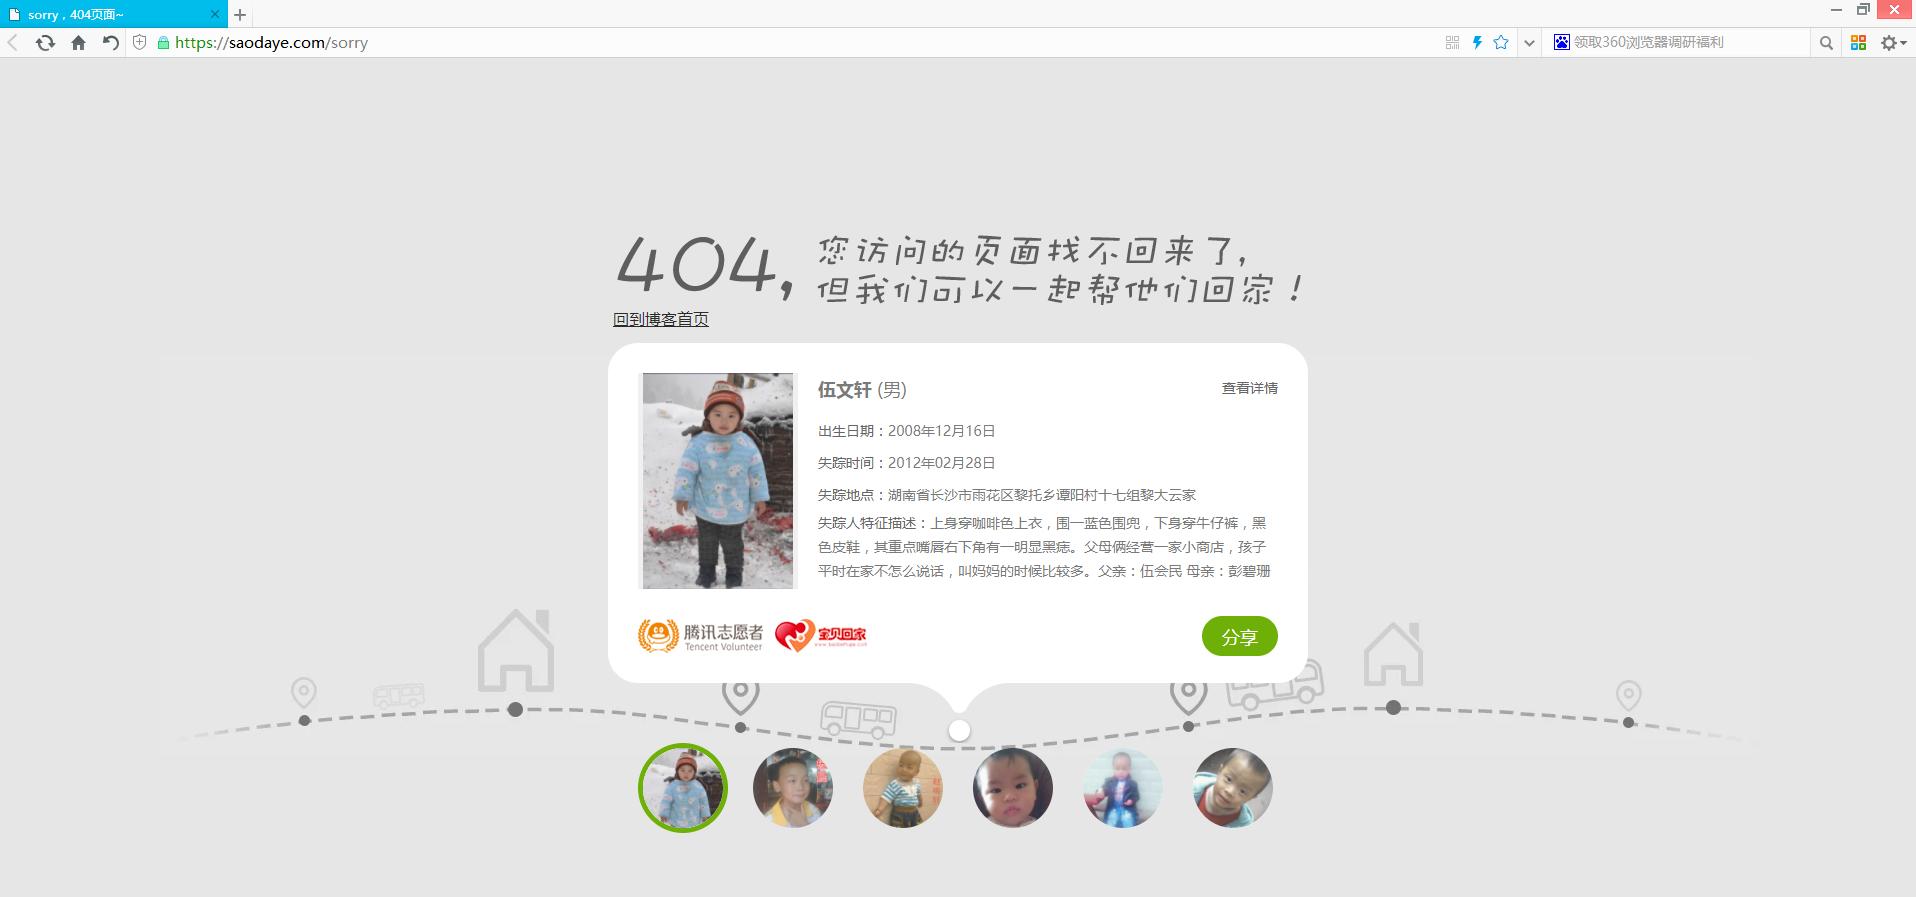 传播即是希望,博客正式启用腾讯公益404页面 #公益行动 折腾 第2张